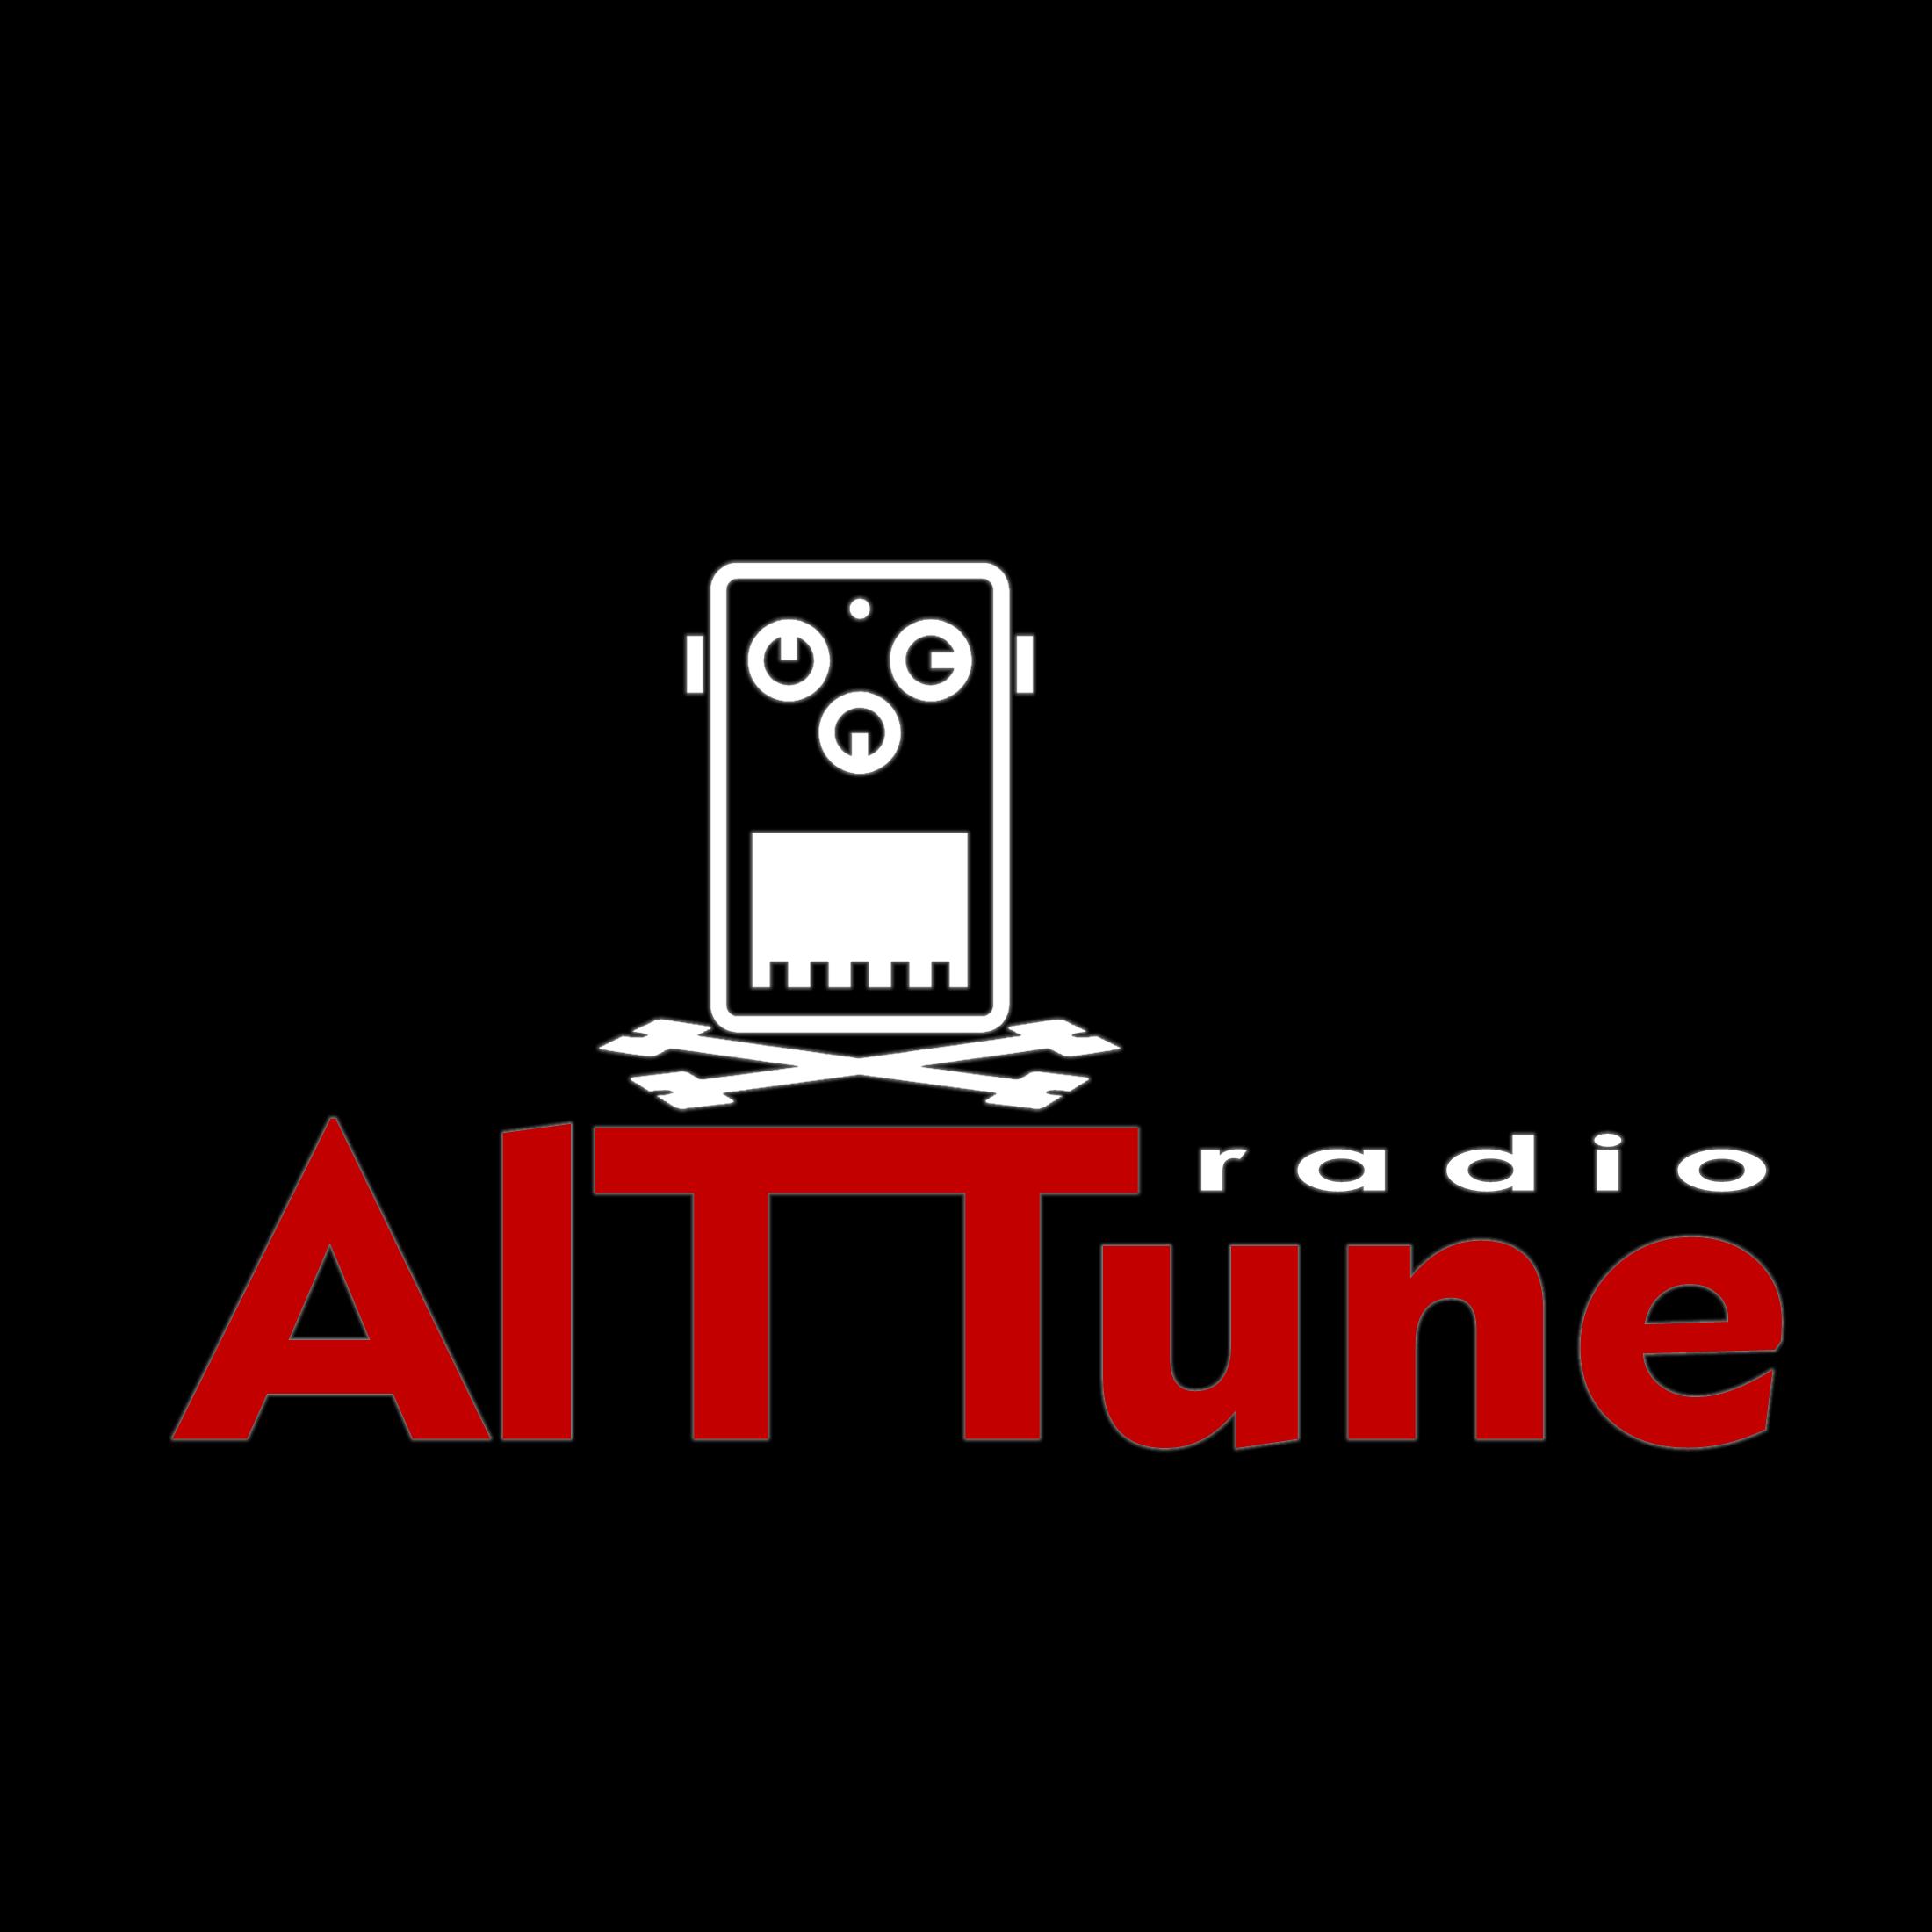 AltTune Radio